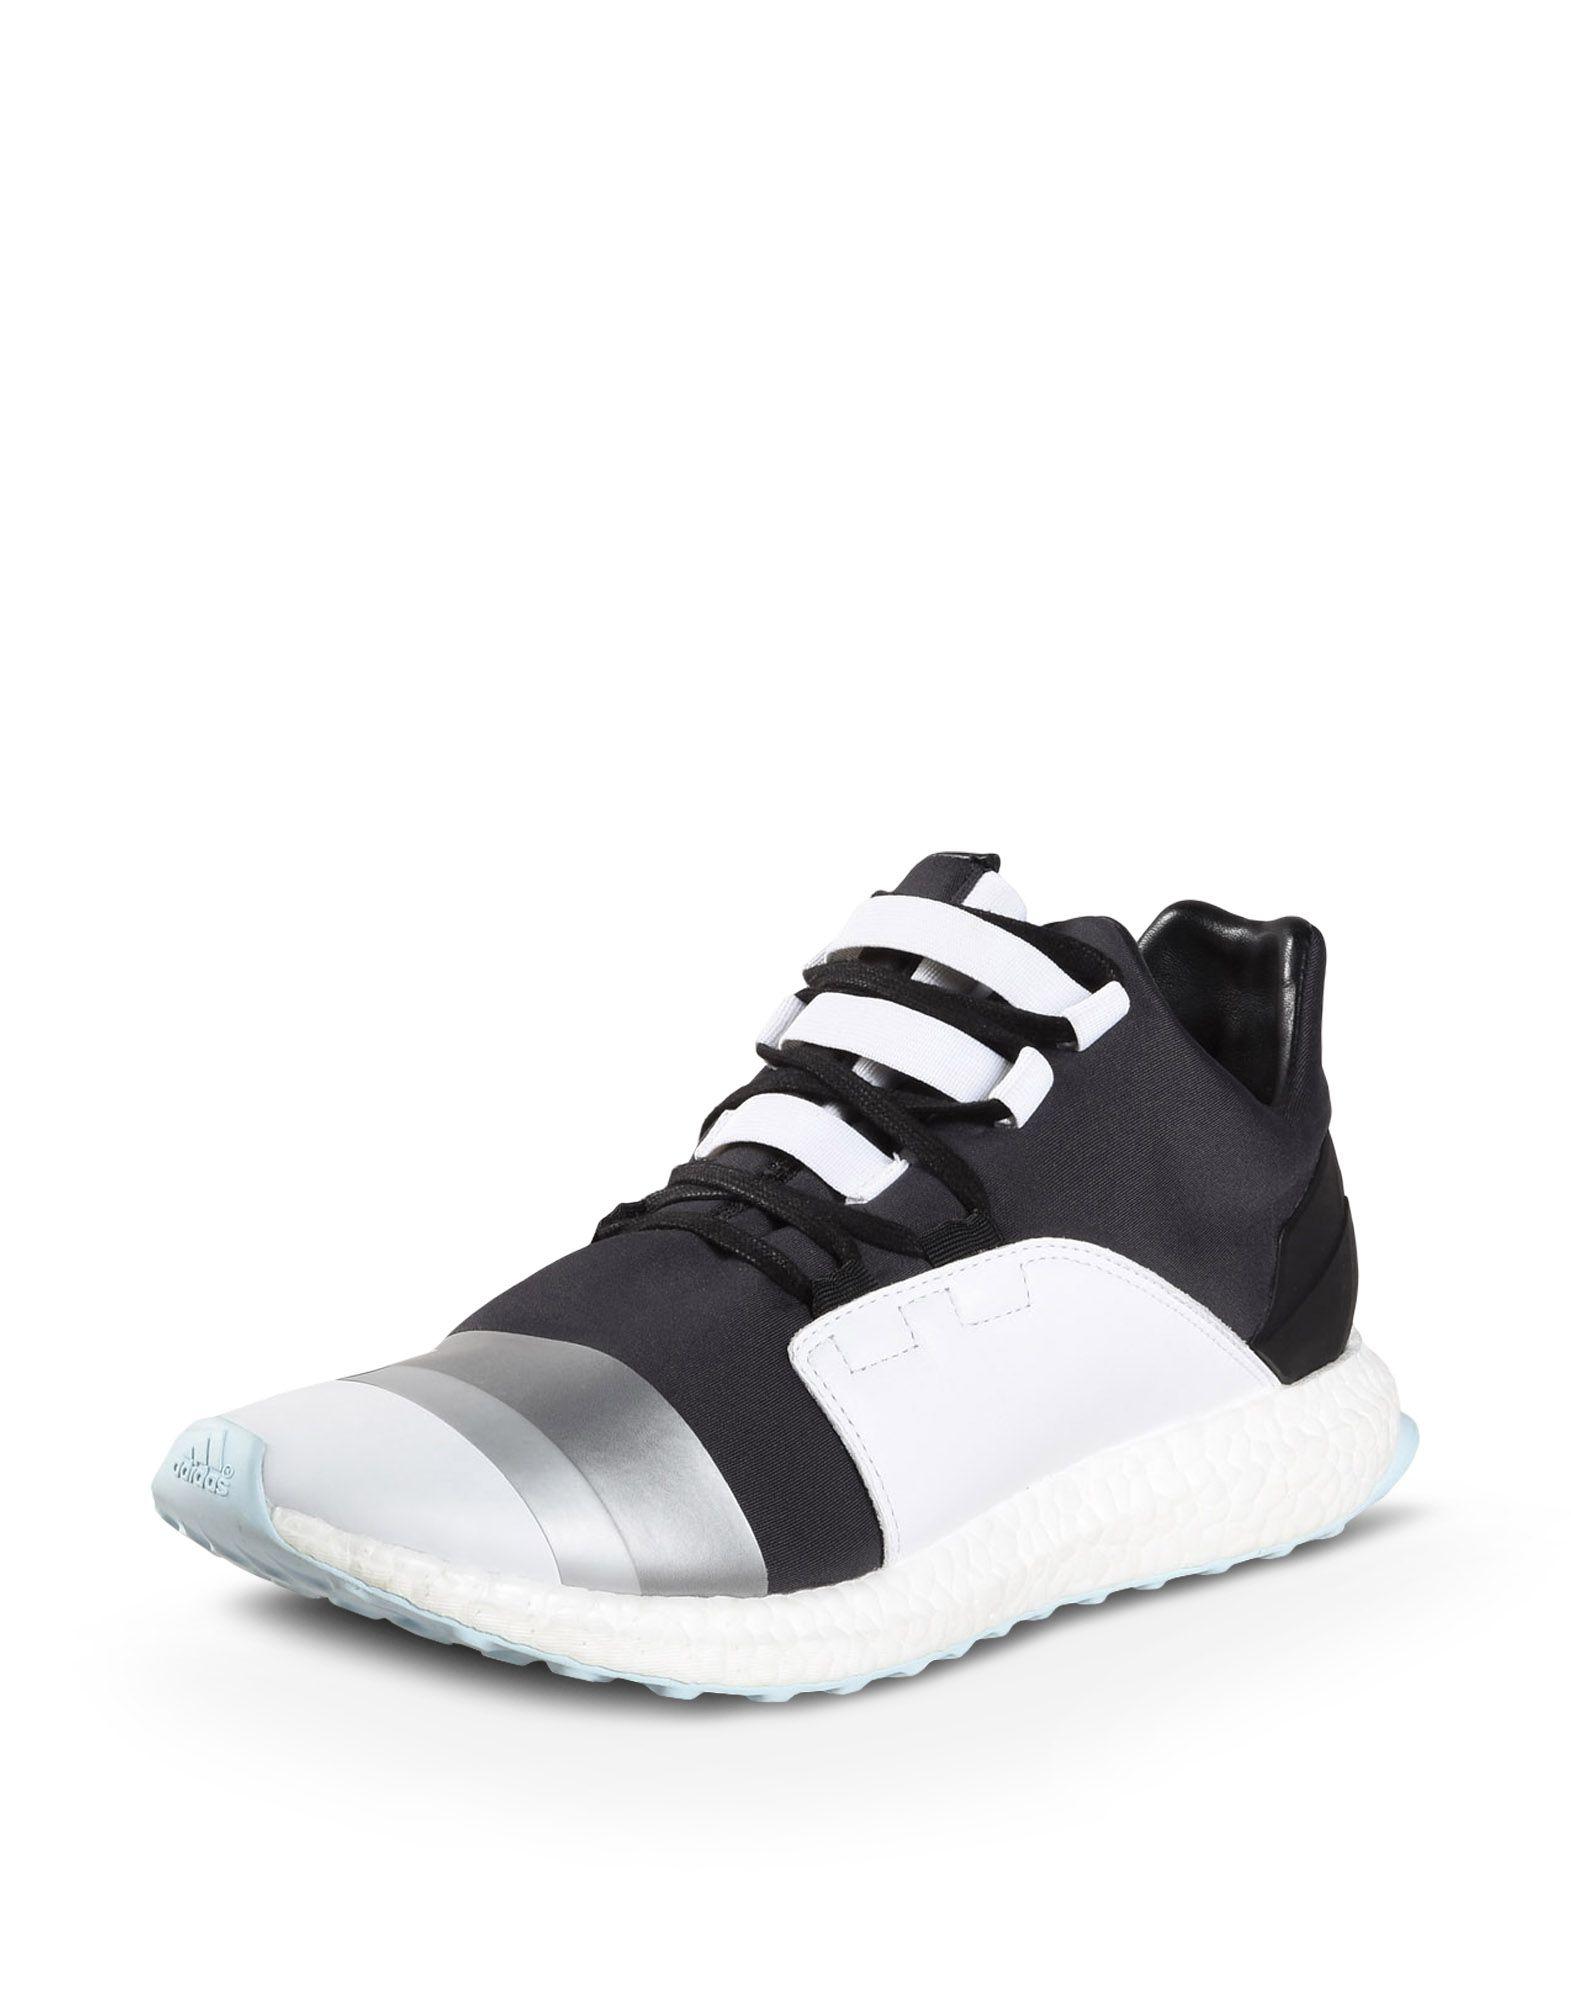 6769e7877767 ... Y-3 Y-3 KOZOKO LOW Sneakers Man r ...